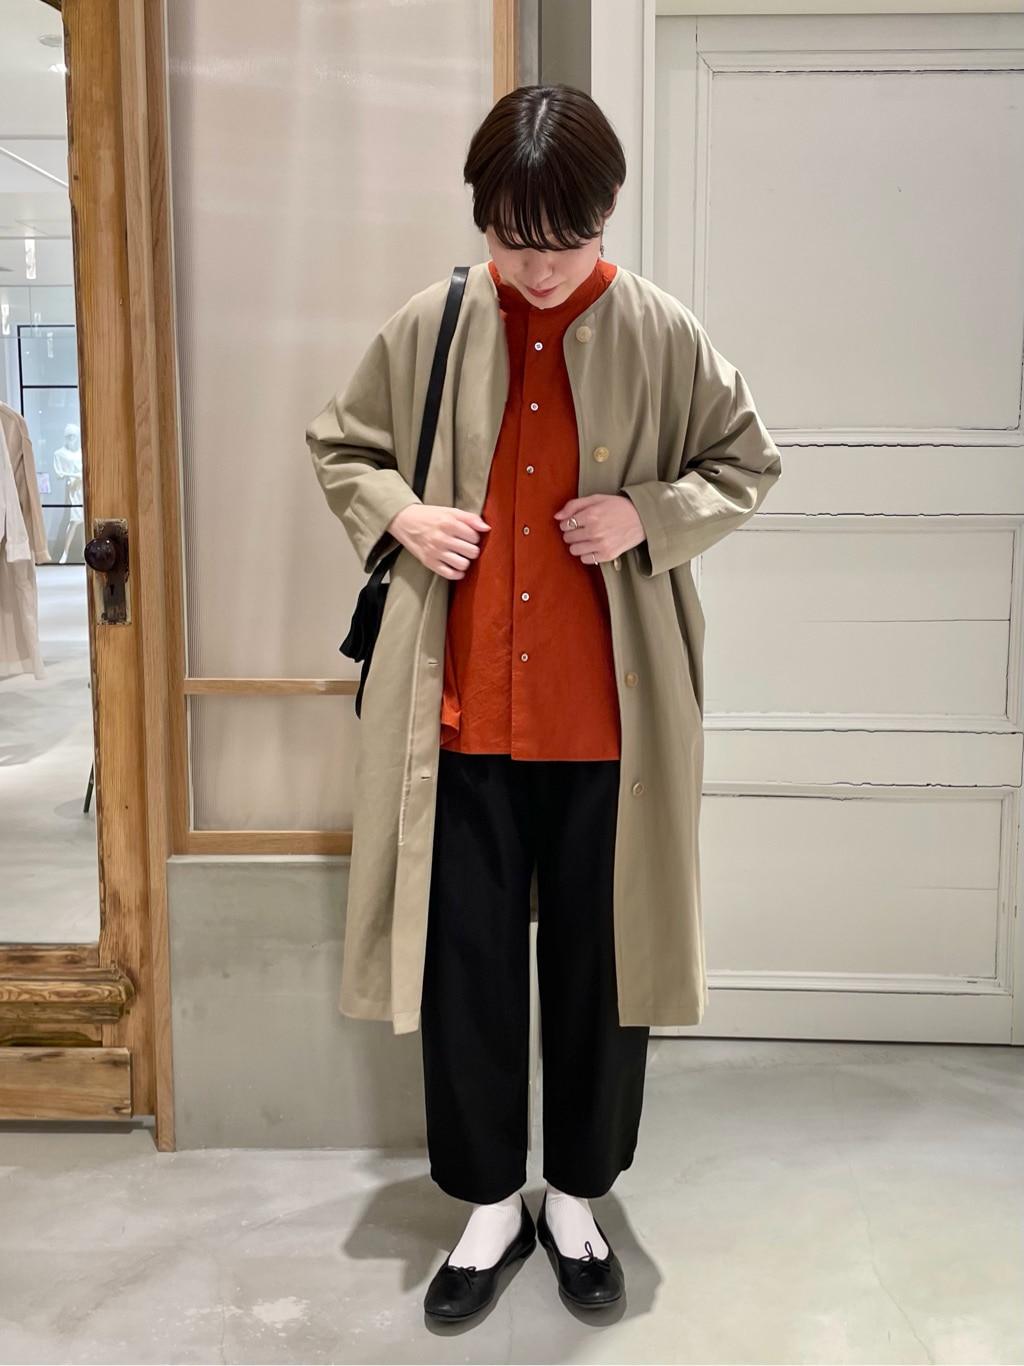 yuni ニュウマン横浜 身長:166cm 2021.02.20